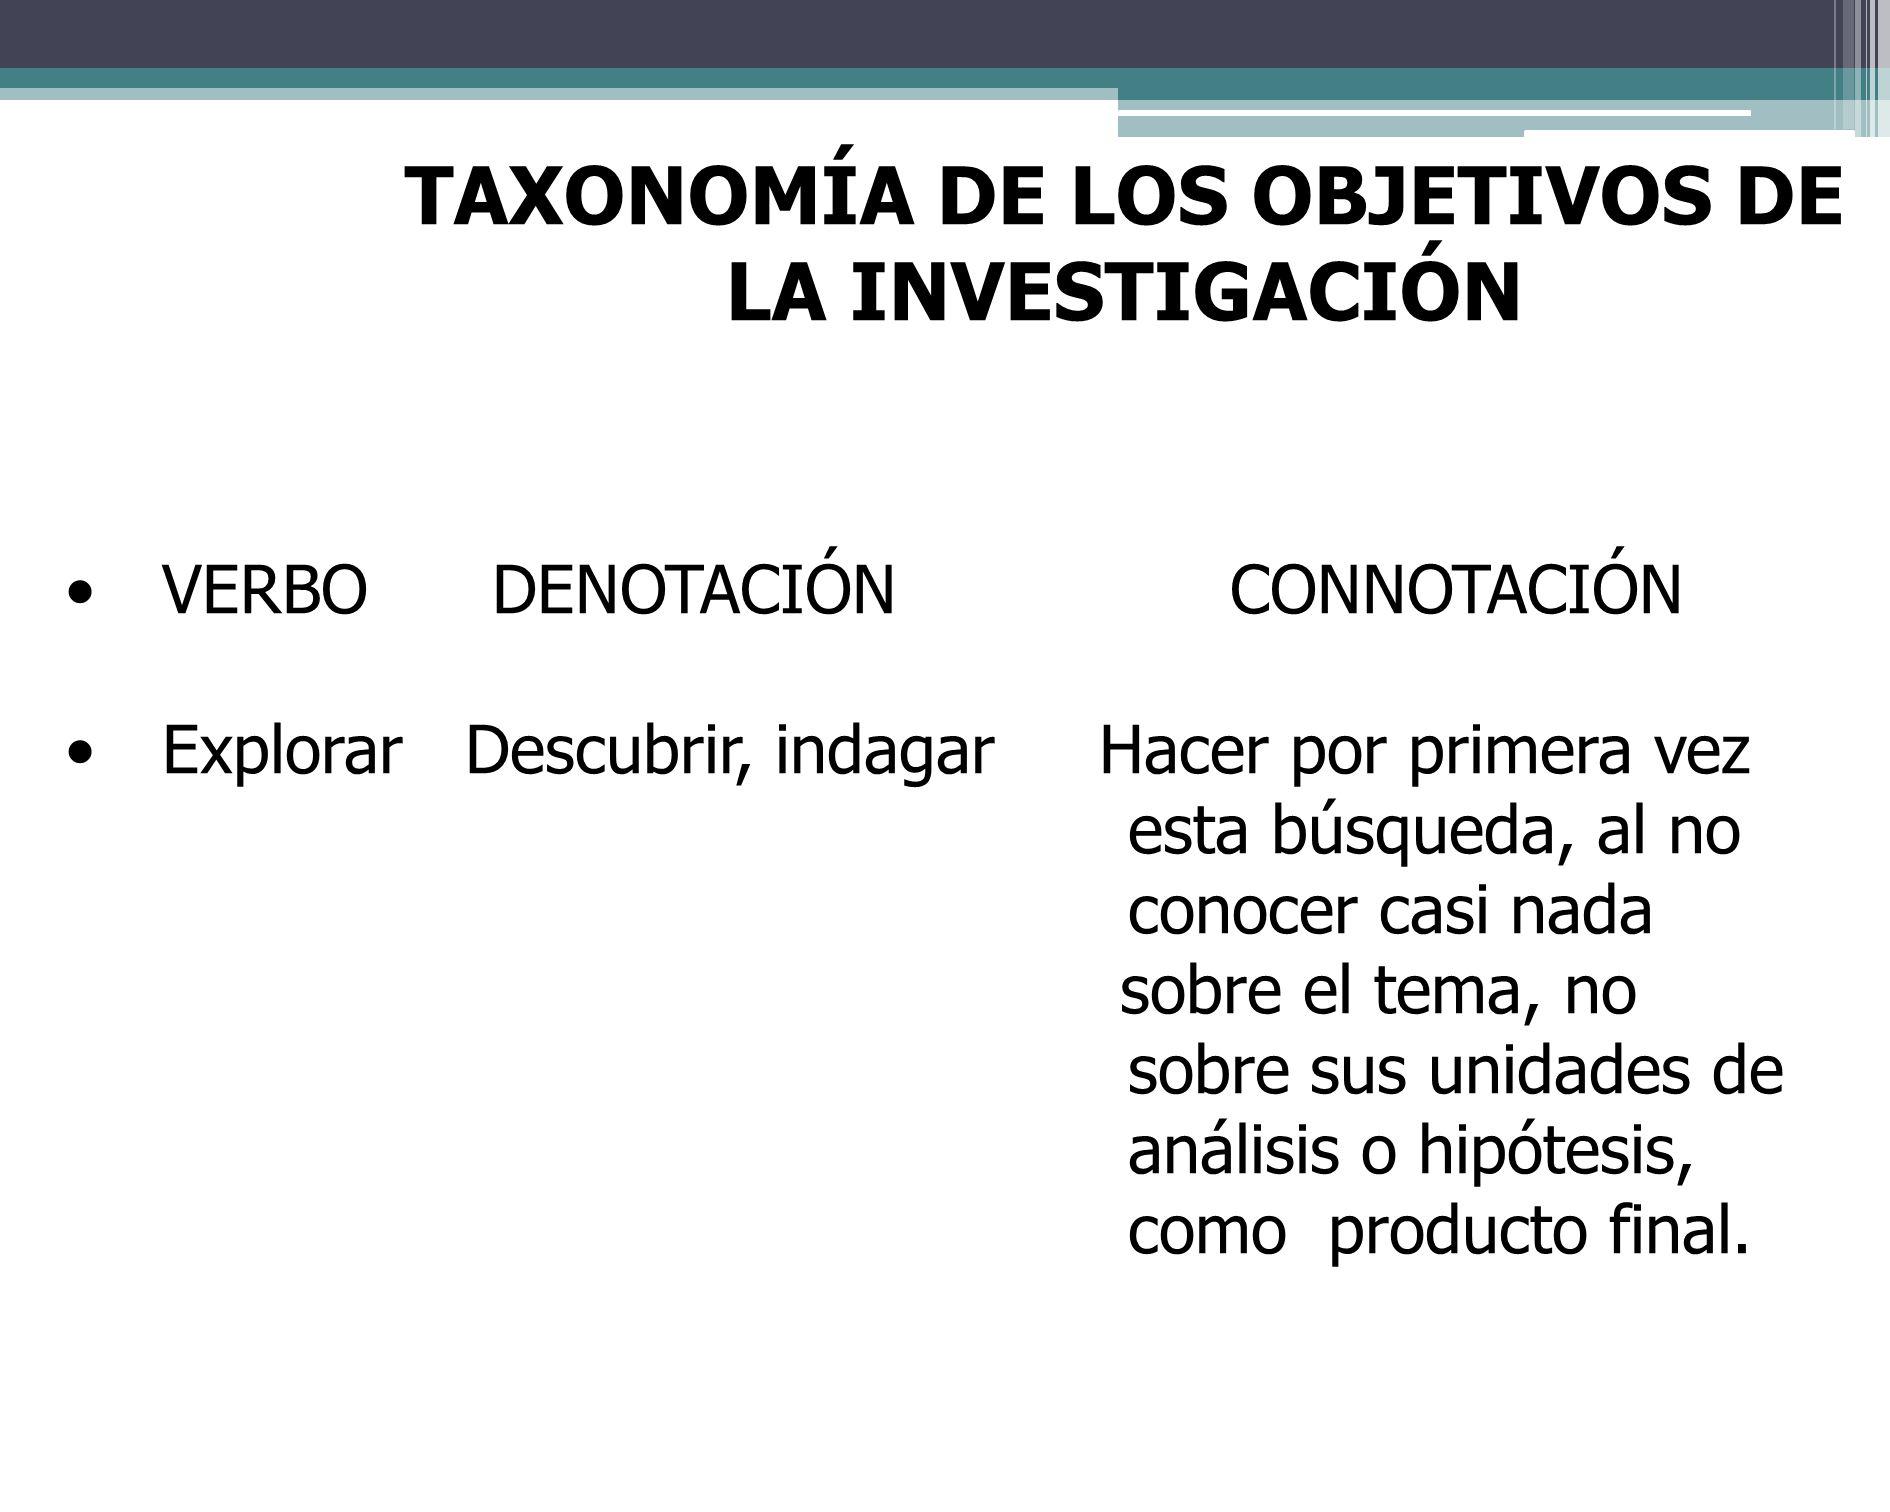 TAXONOMÍA DE LOS OBJETIVOS DE LA INVESTIGACIÓN